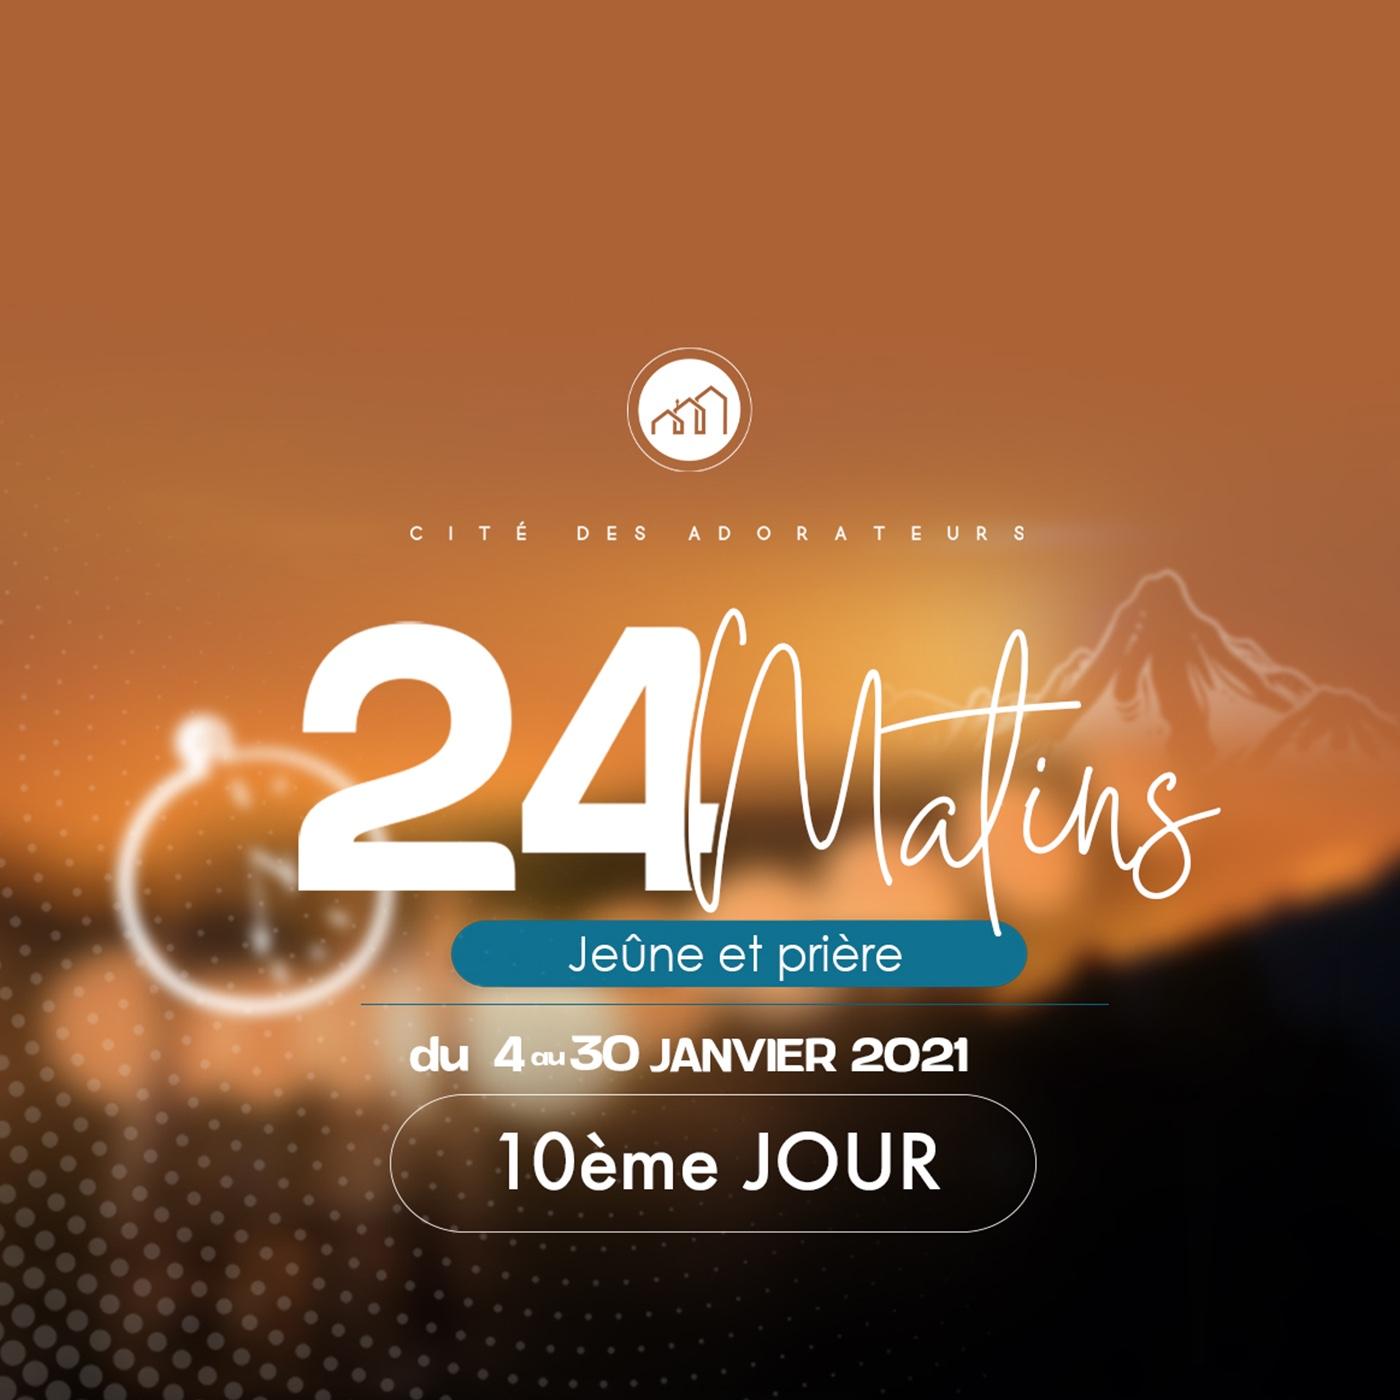 24 MATINS 10ème JOUR